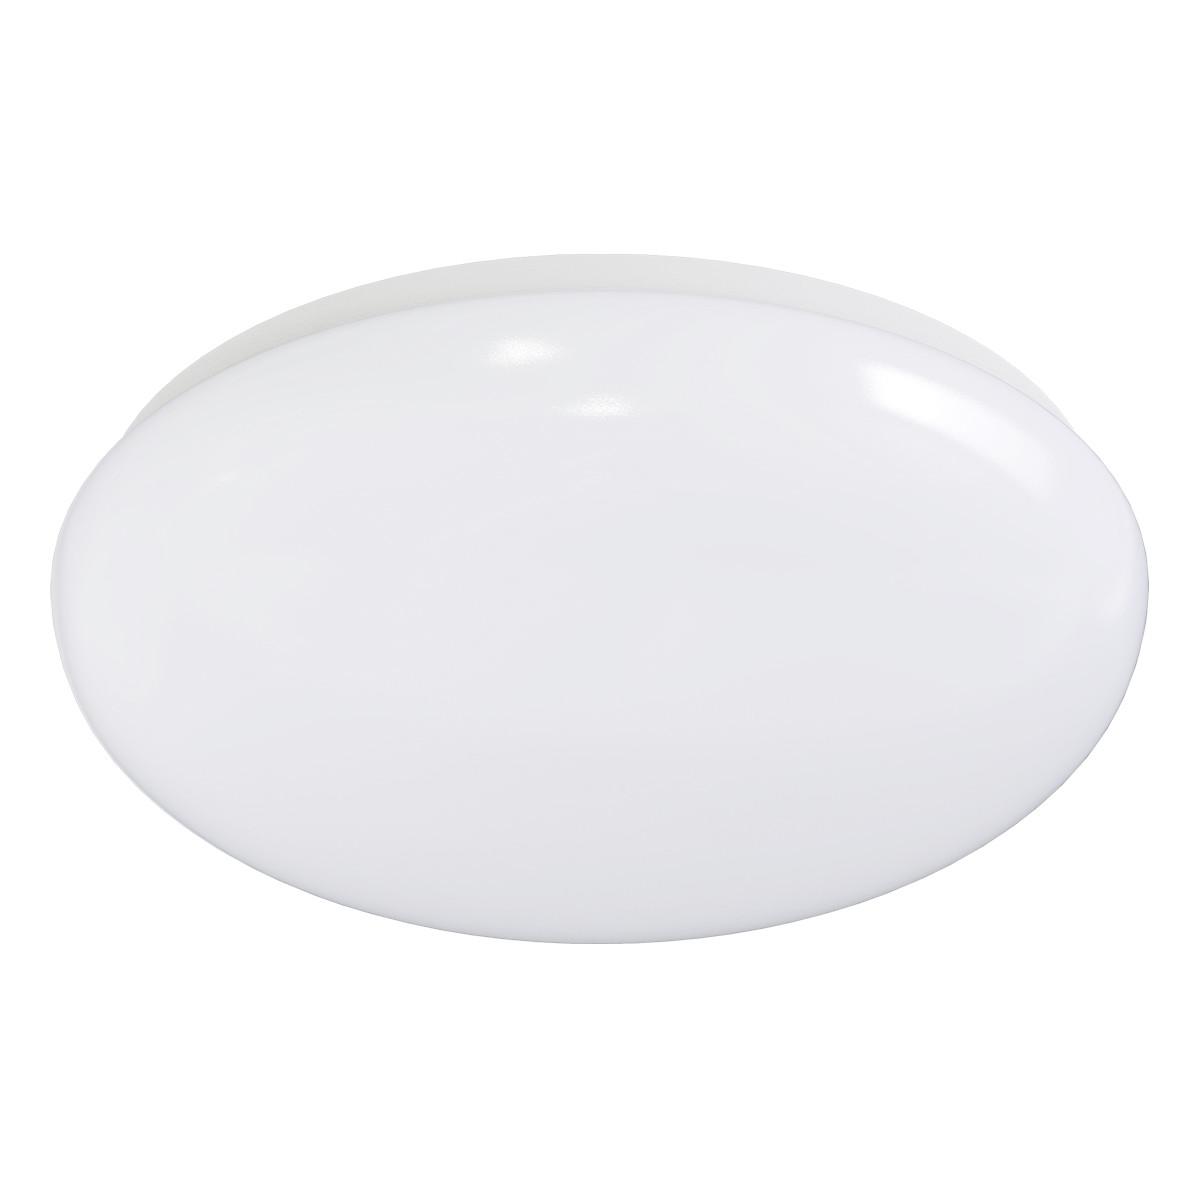 LED Plafondlamp met Bewegingssensor - Aigi - Opbouw Rond 24W - Natuurlijk Wit 4000K - 360° - Mat Wit